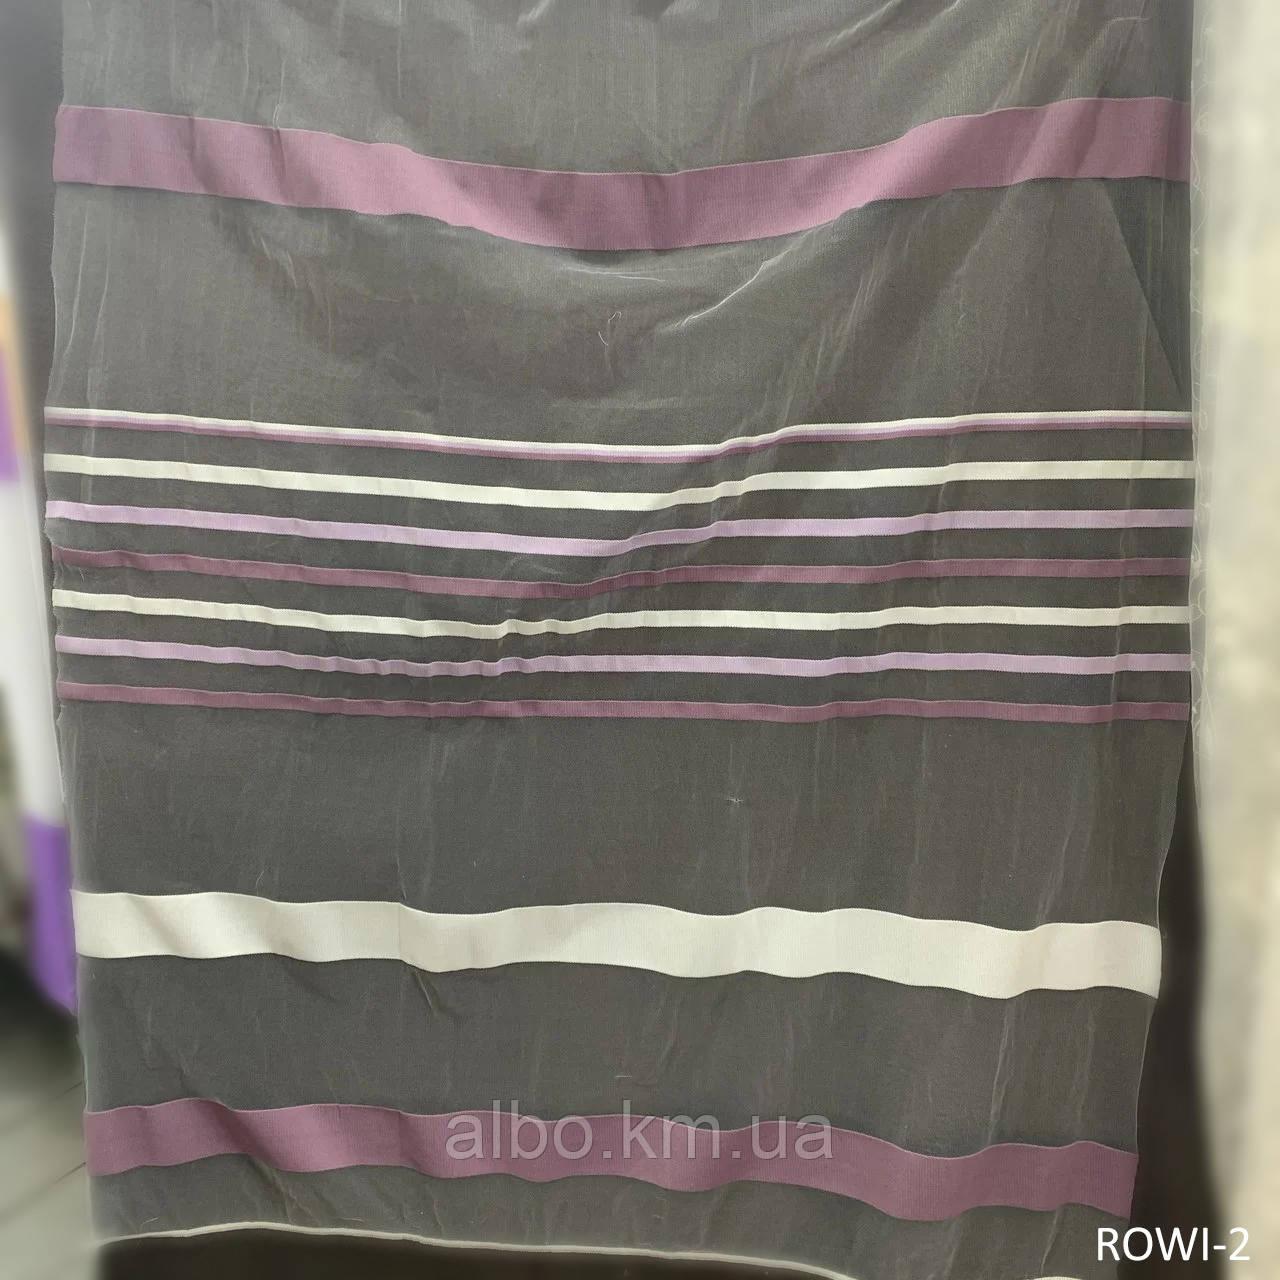 Якісний білий тюль з фатину з білими і фіолетовими смужками на метраж, висота 2,8 м (ROWI-2)